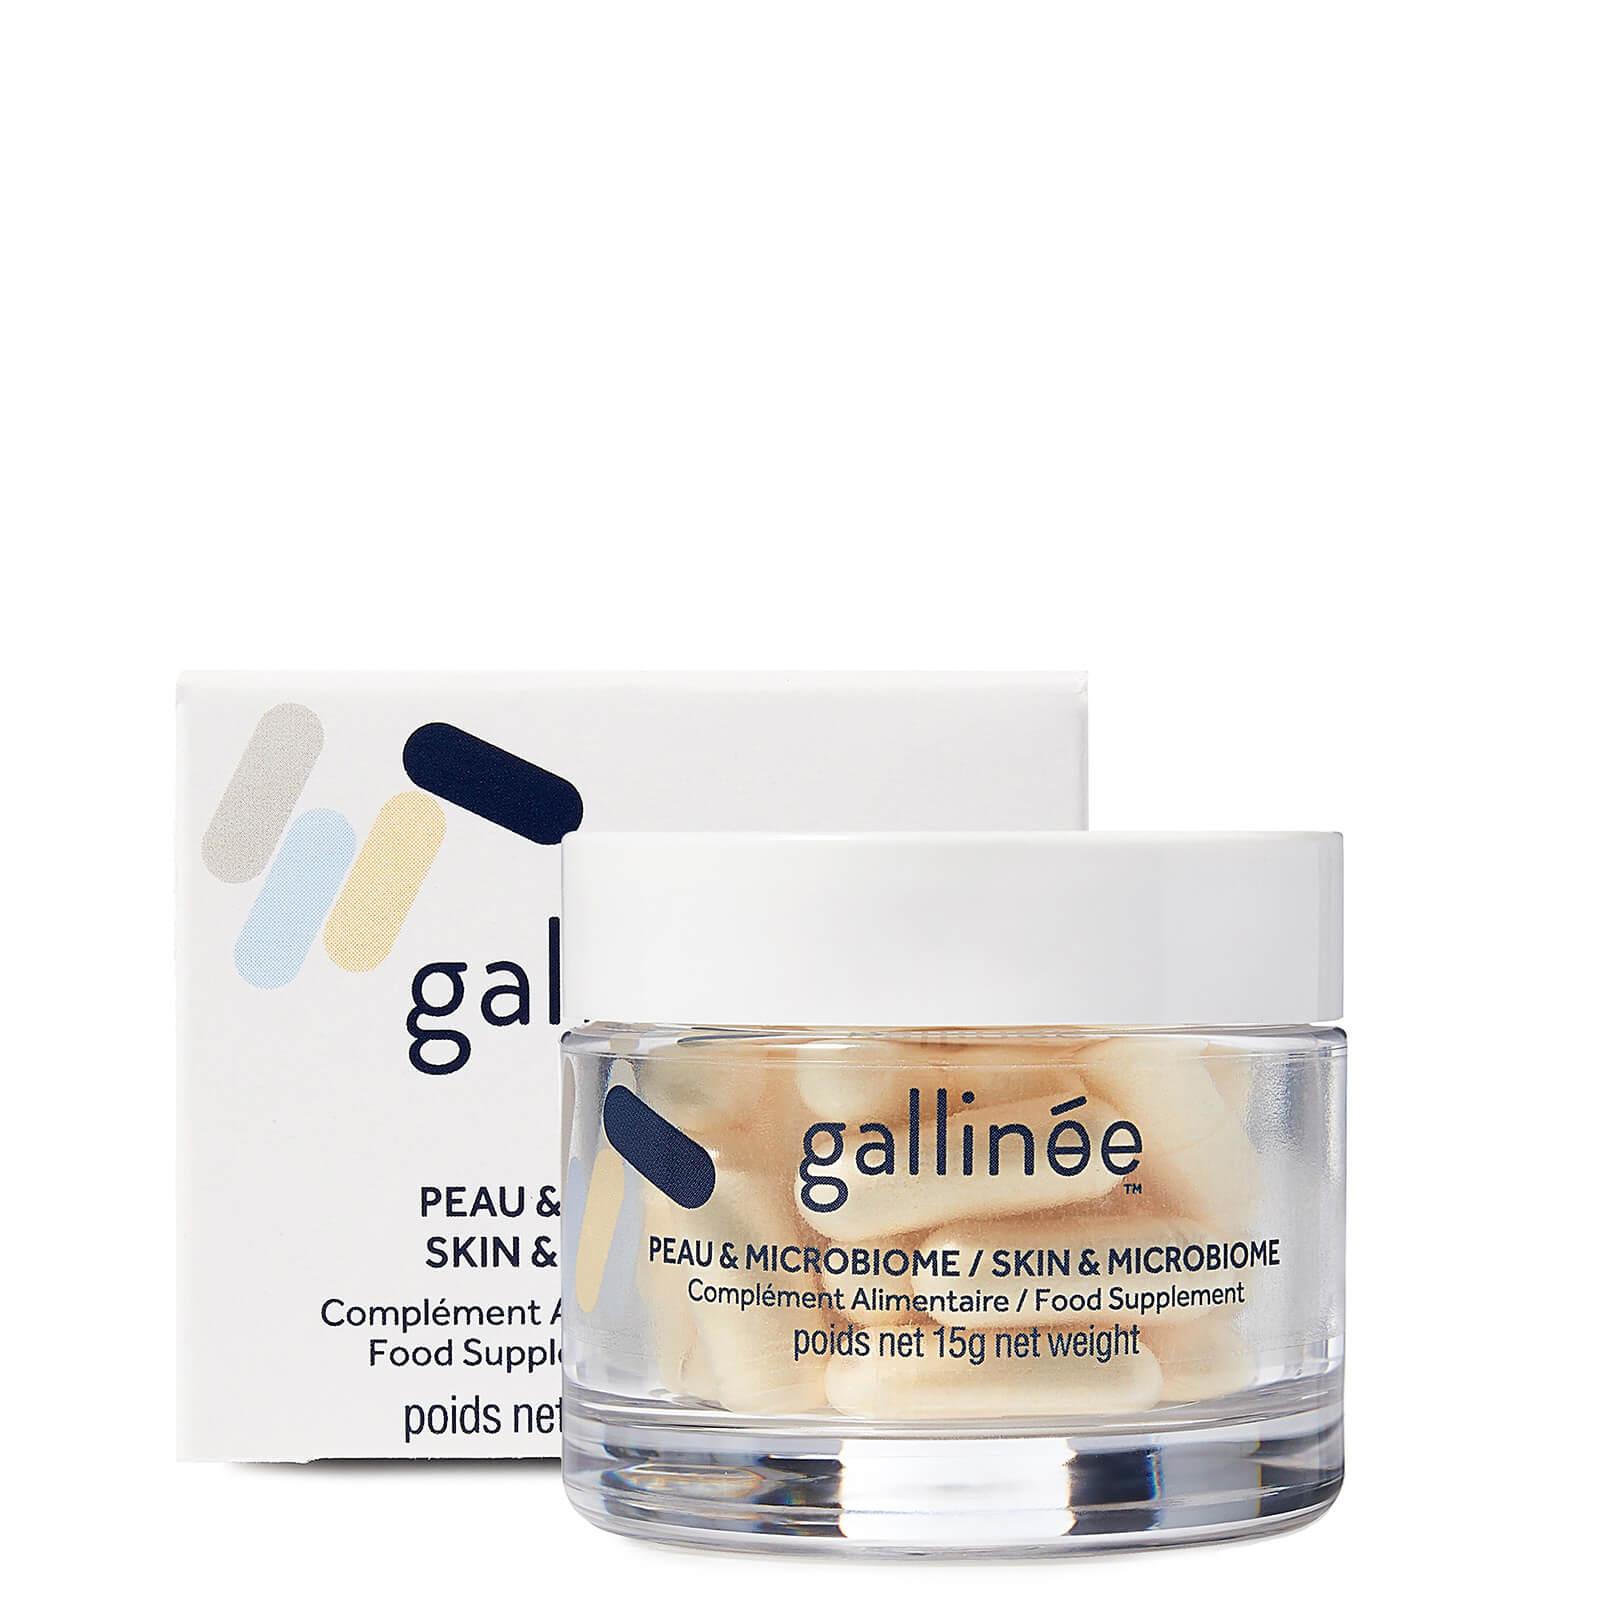 Купить Пищевая добавка для кожи и микробиома Gallinée: Месяц пре-, про- и постбиотиков (30 капсул) 15 г